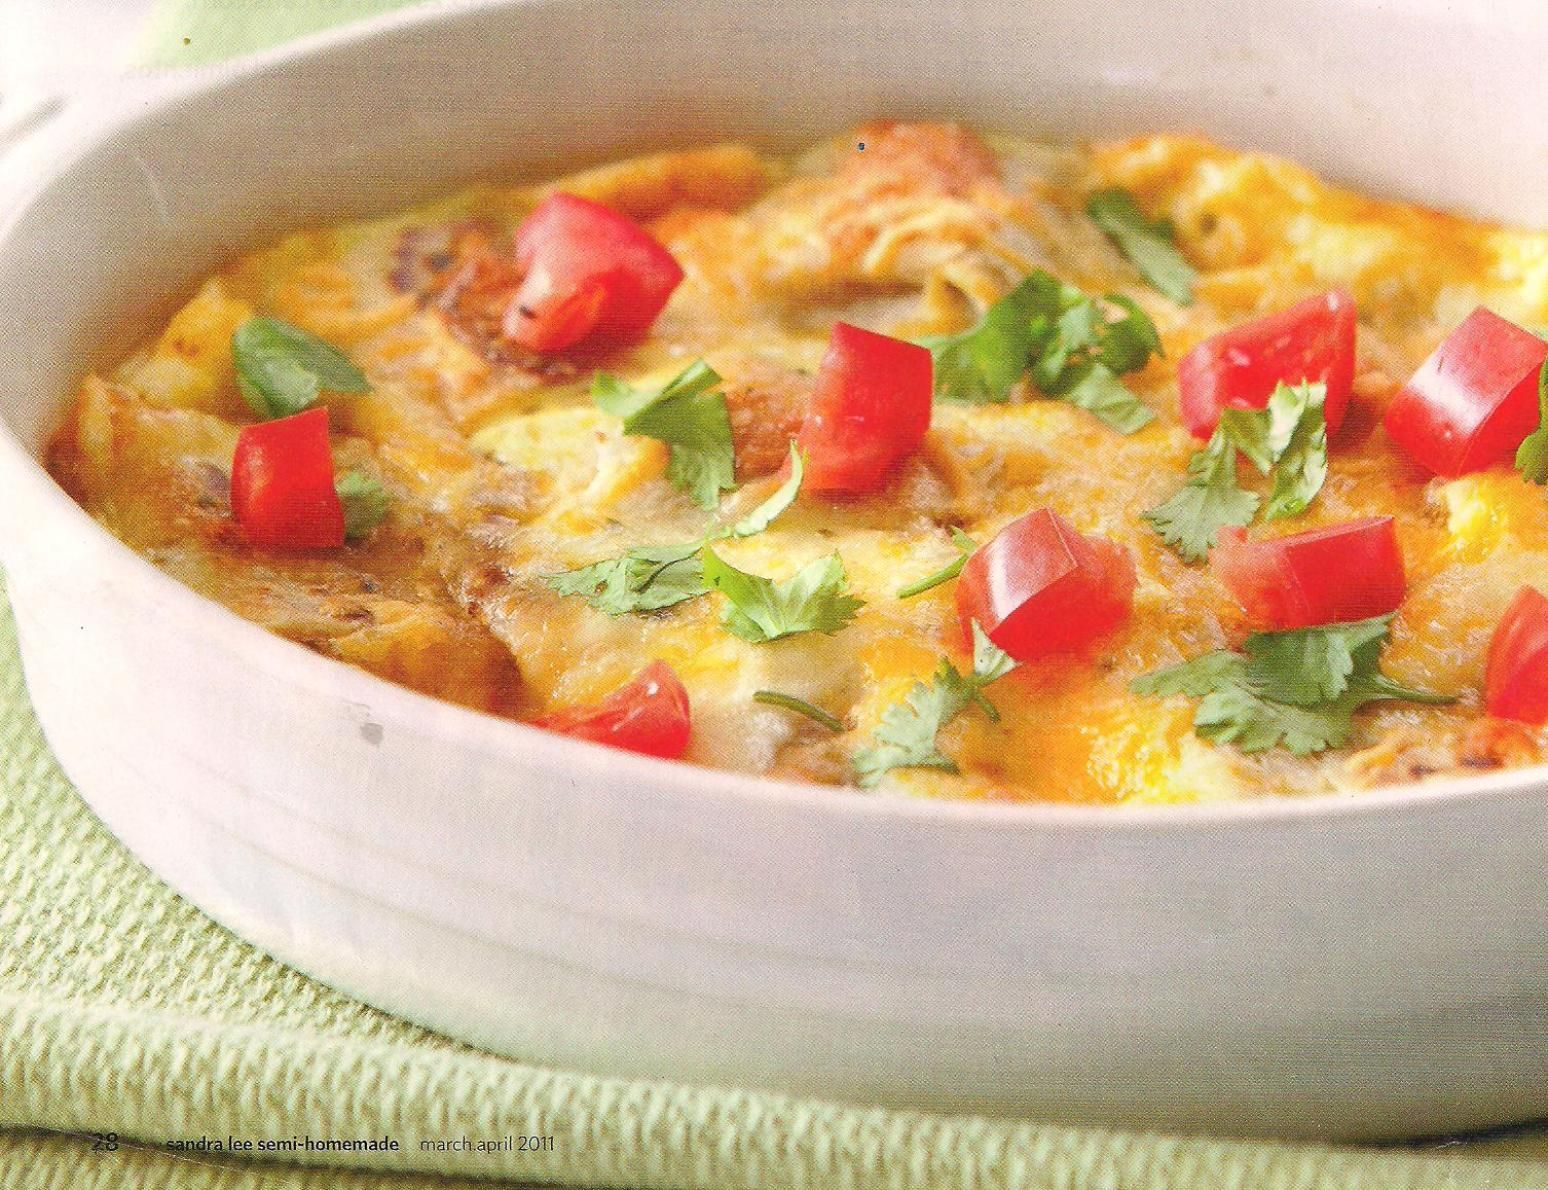 Burrito, egg, and cheese bake.